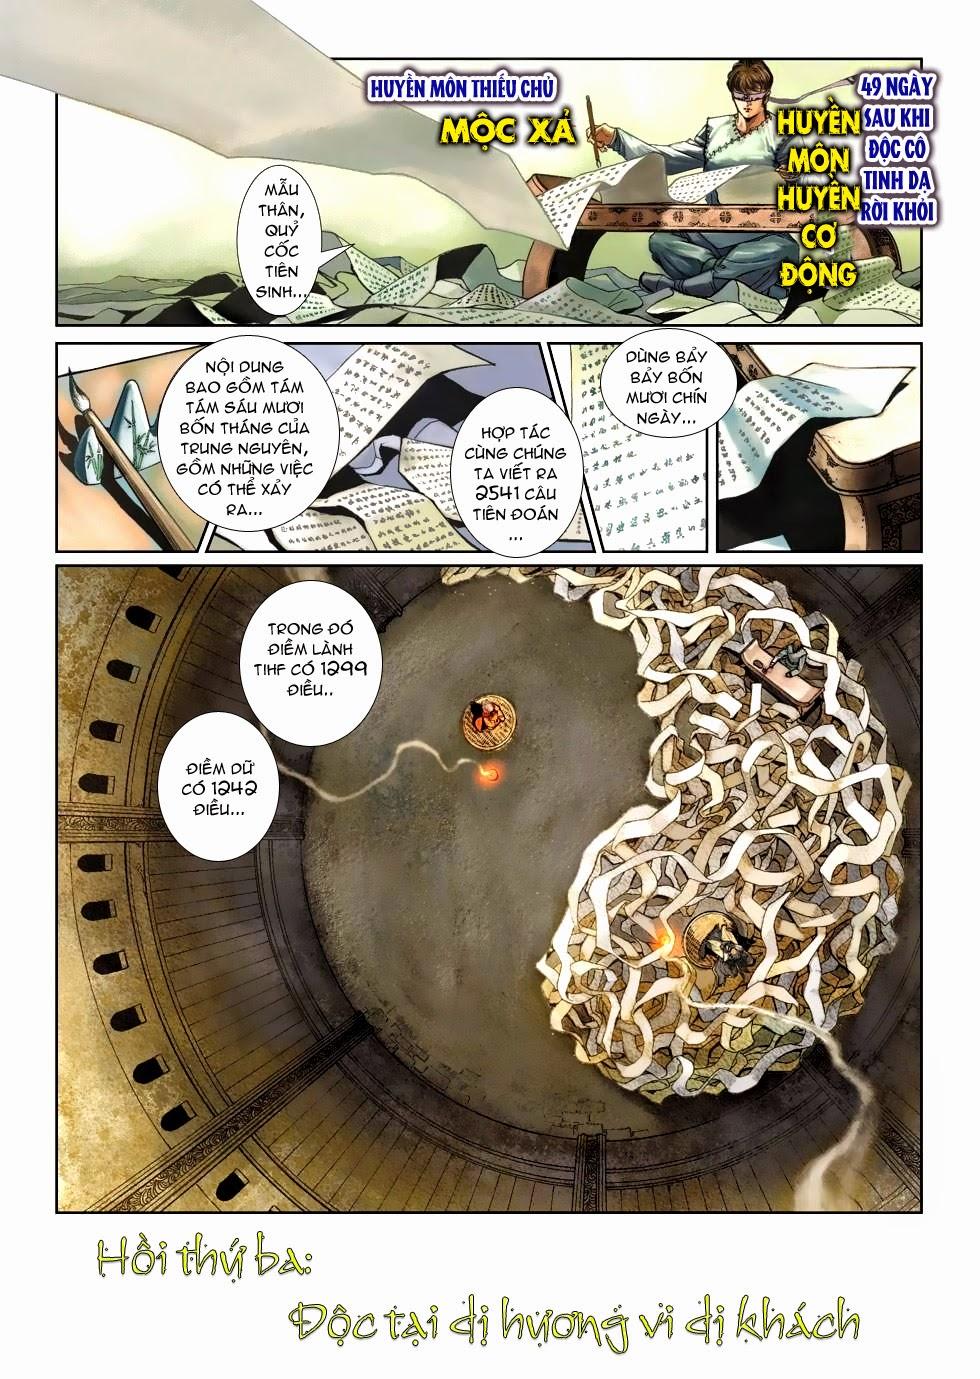 Thần Binh Tiền Truyện 4 - Huyền Thiên Tà Đế chap 3 - Trang 2